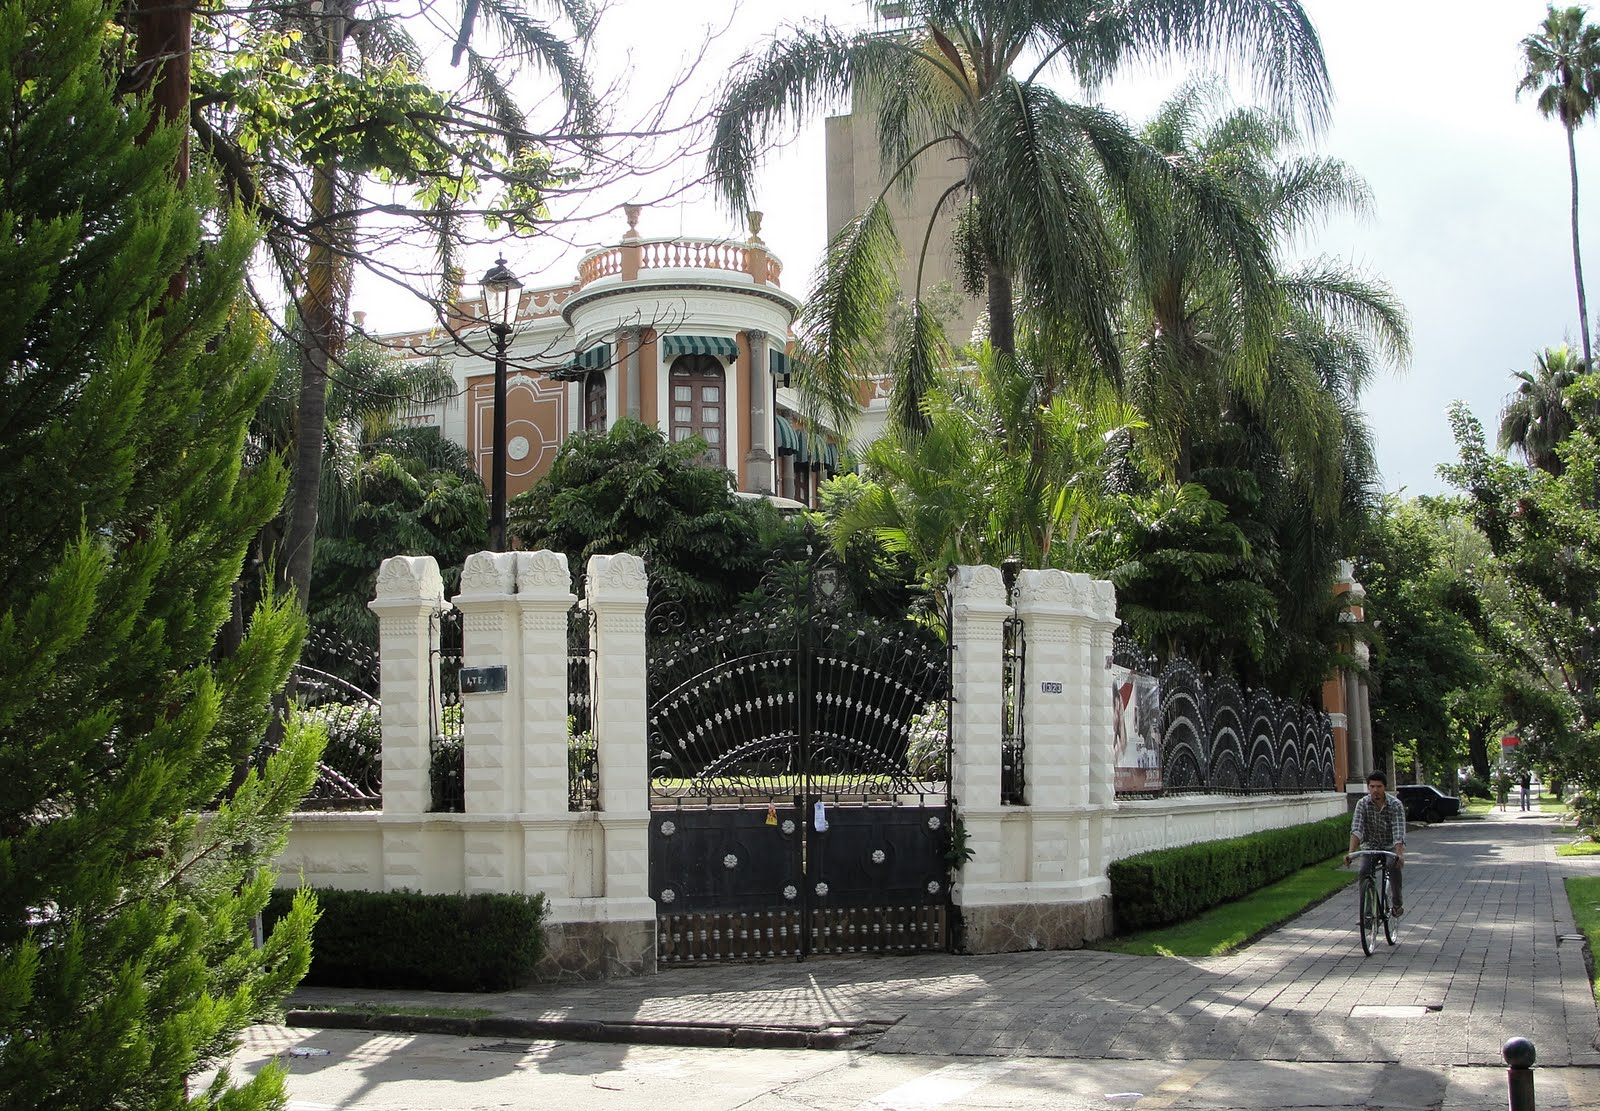 Mejores lugares para vivir en guadalajara rsvponline for Casas viejas remodeladas